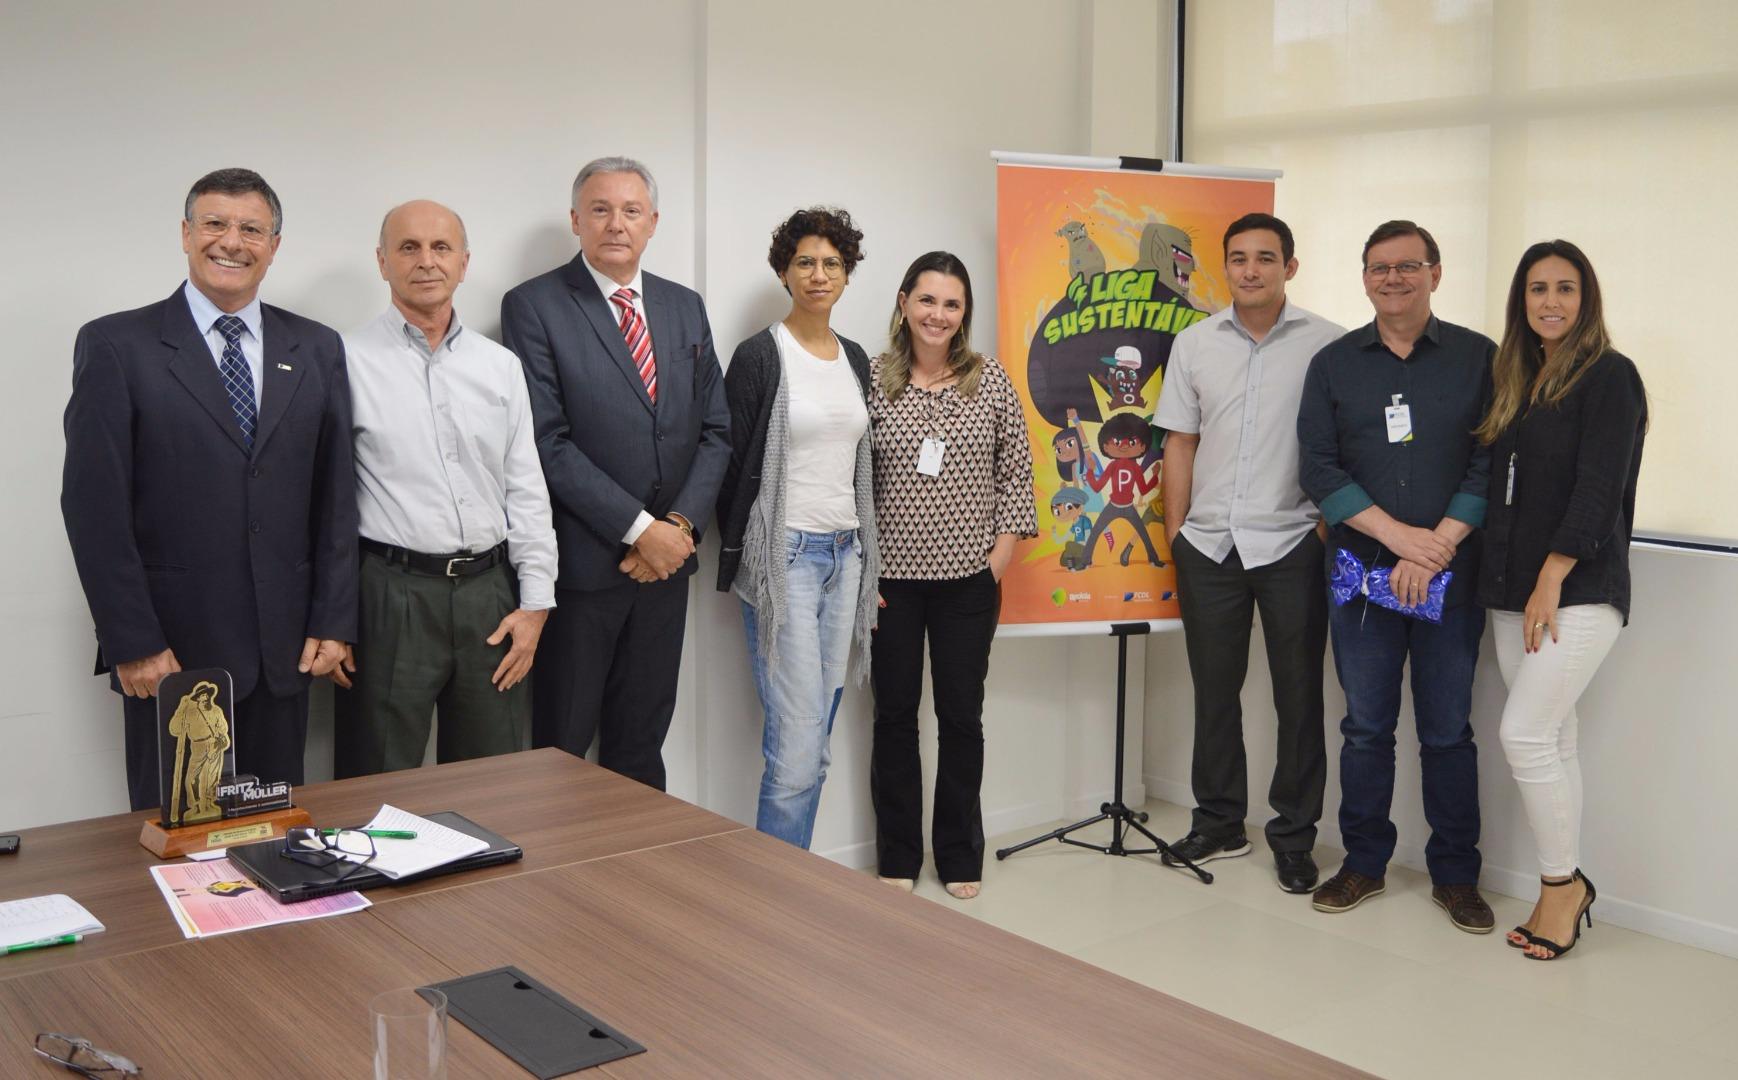 Aluna da região é uma das vencedoras do projeto Recicla CDL na Escola